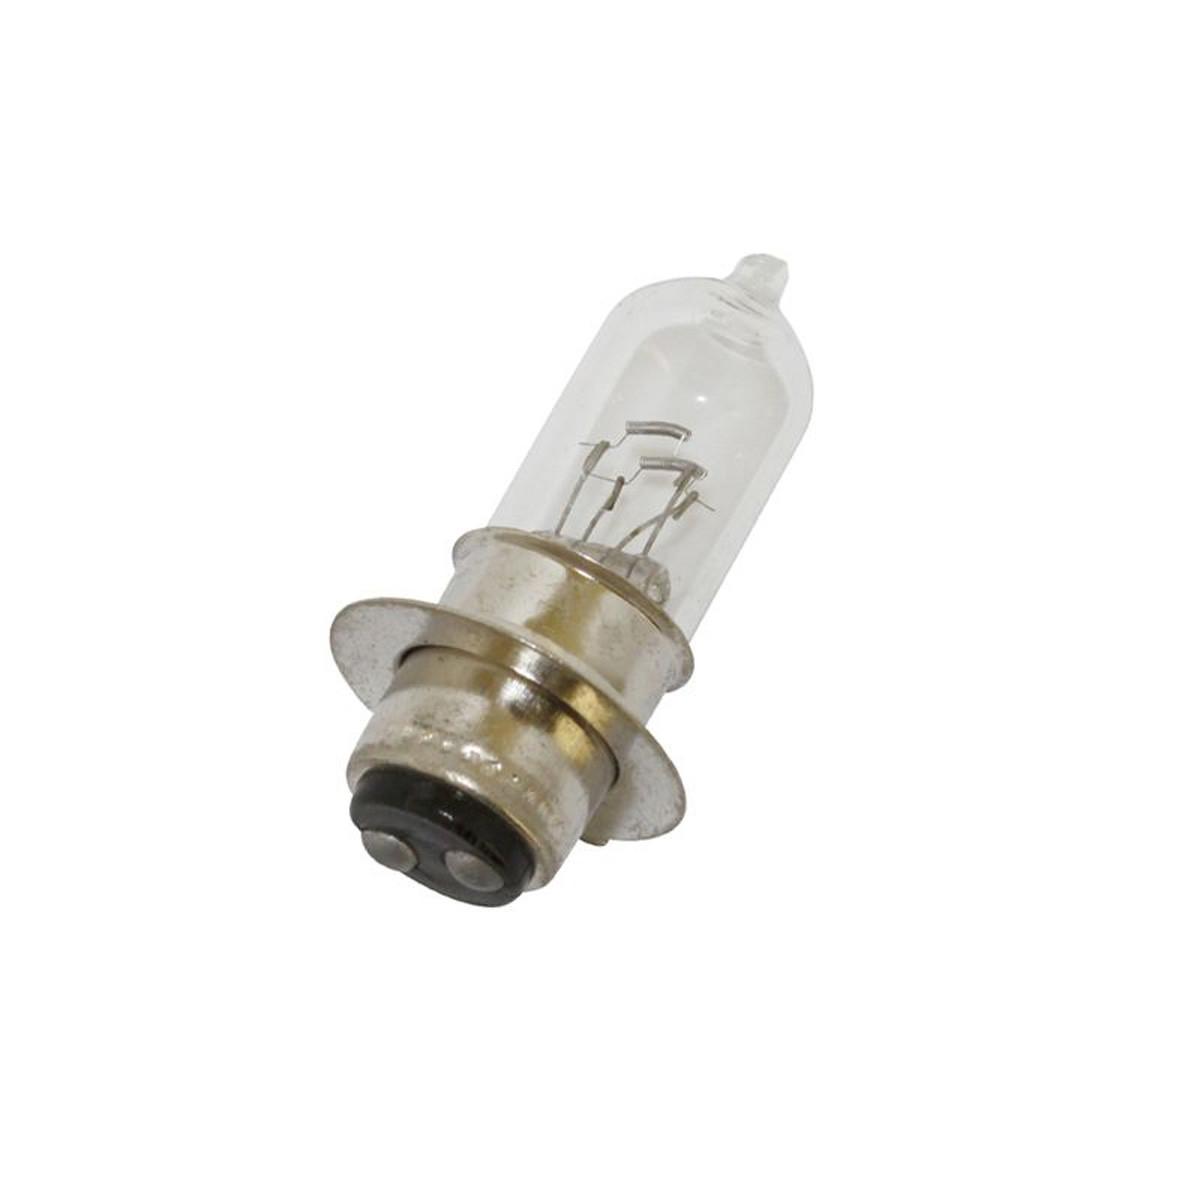 Ampoule 12V 35/36.55W P15D25 - FLOSSER Blanc